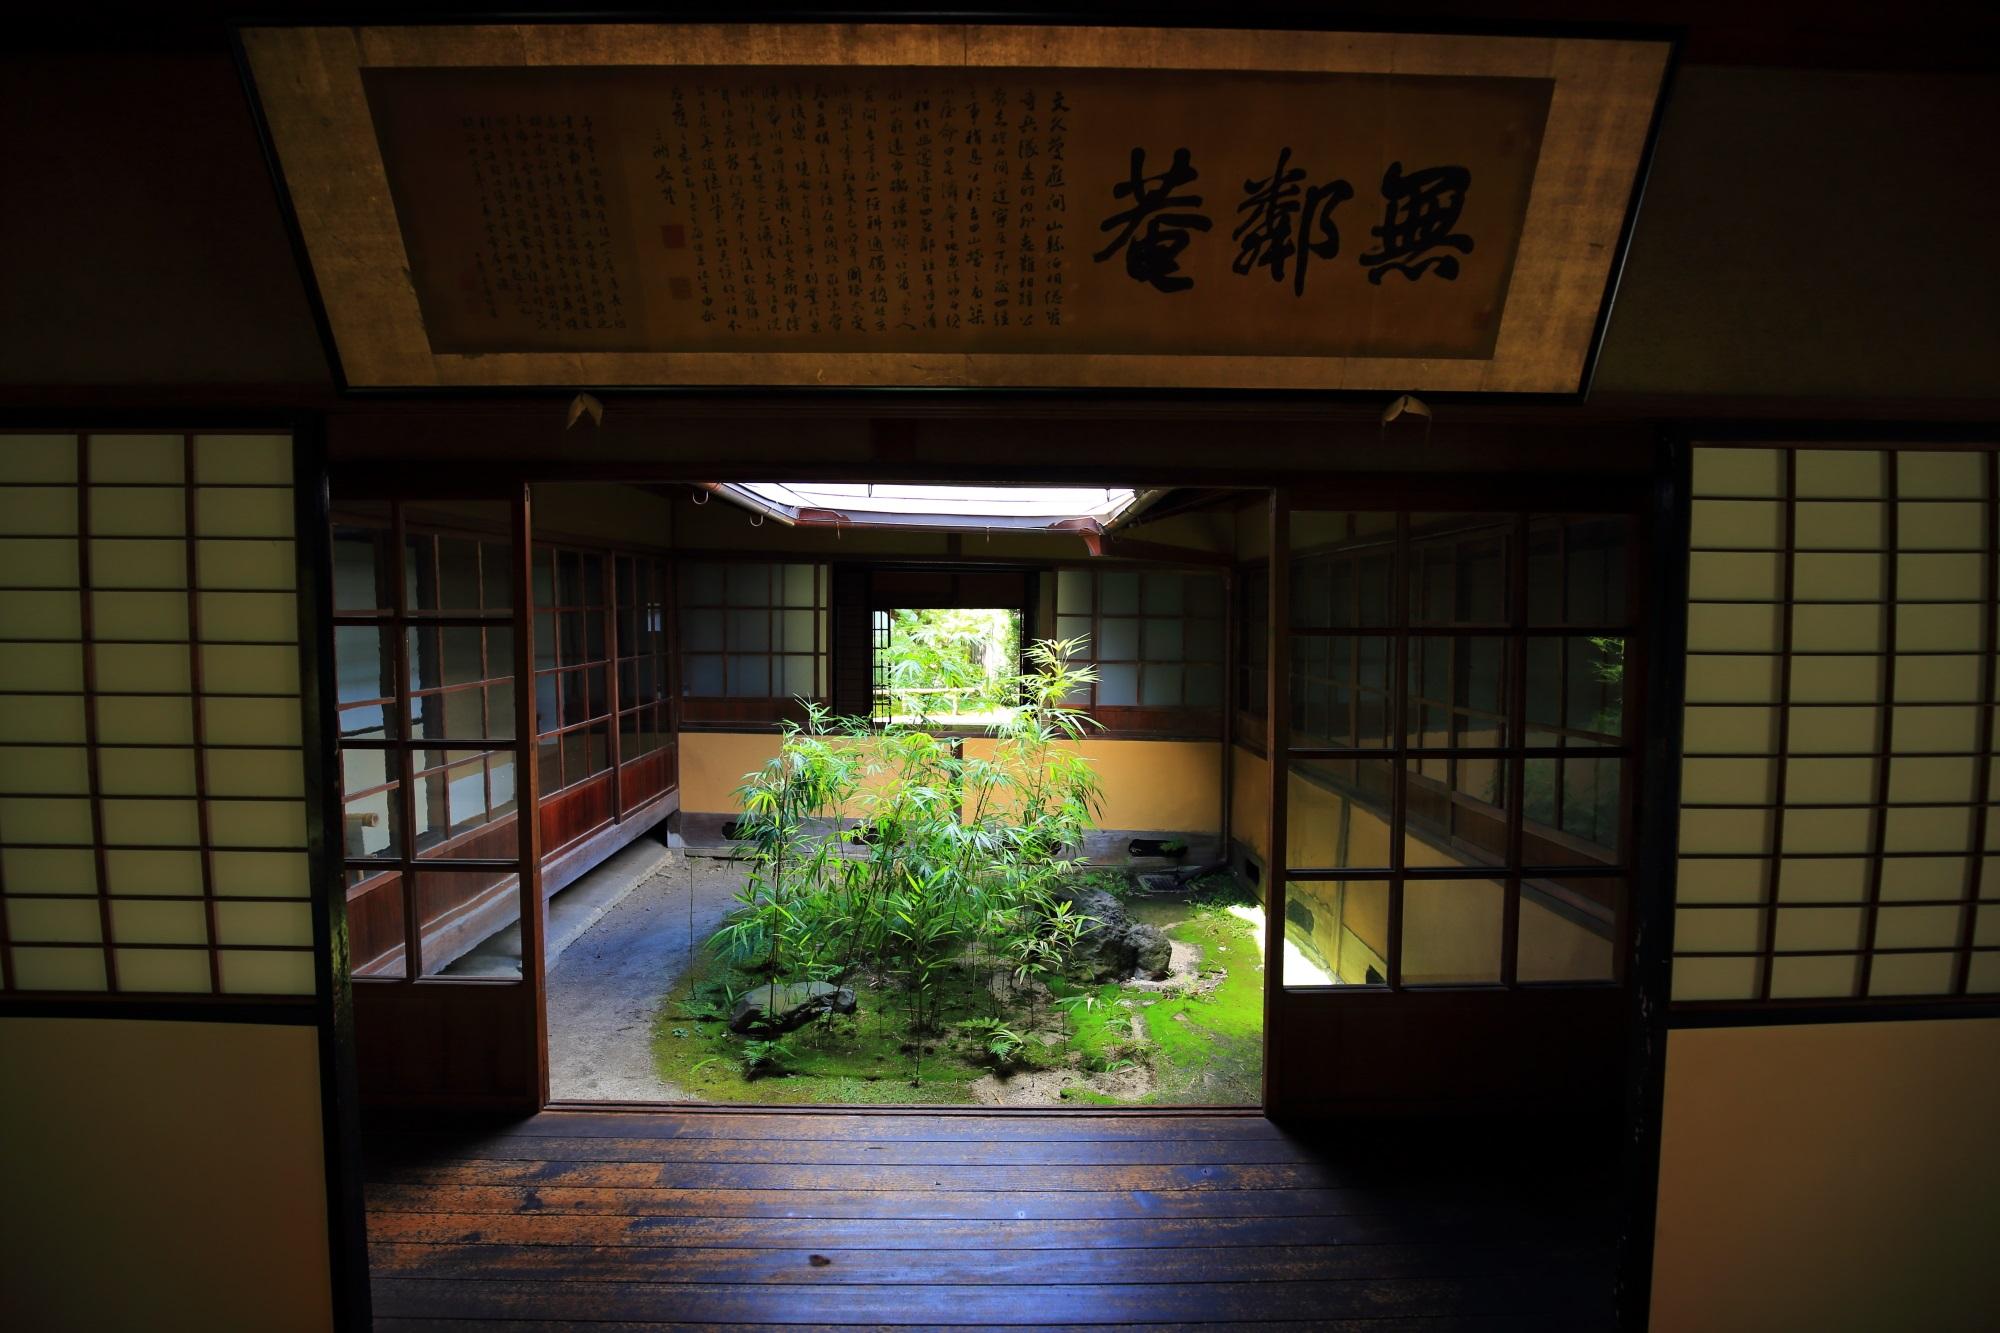 無鄰菴(むりんあん)の母屋の中庭